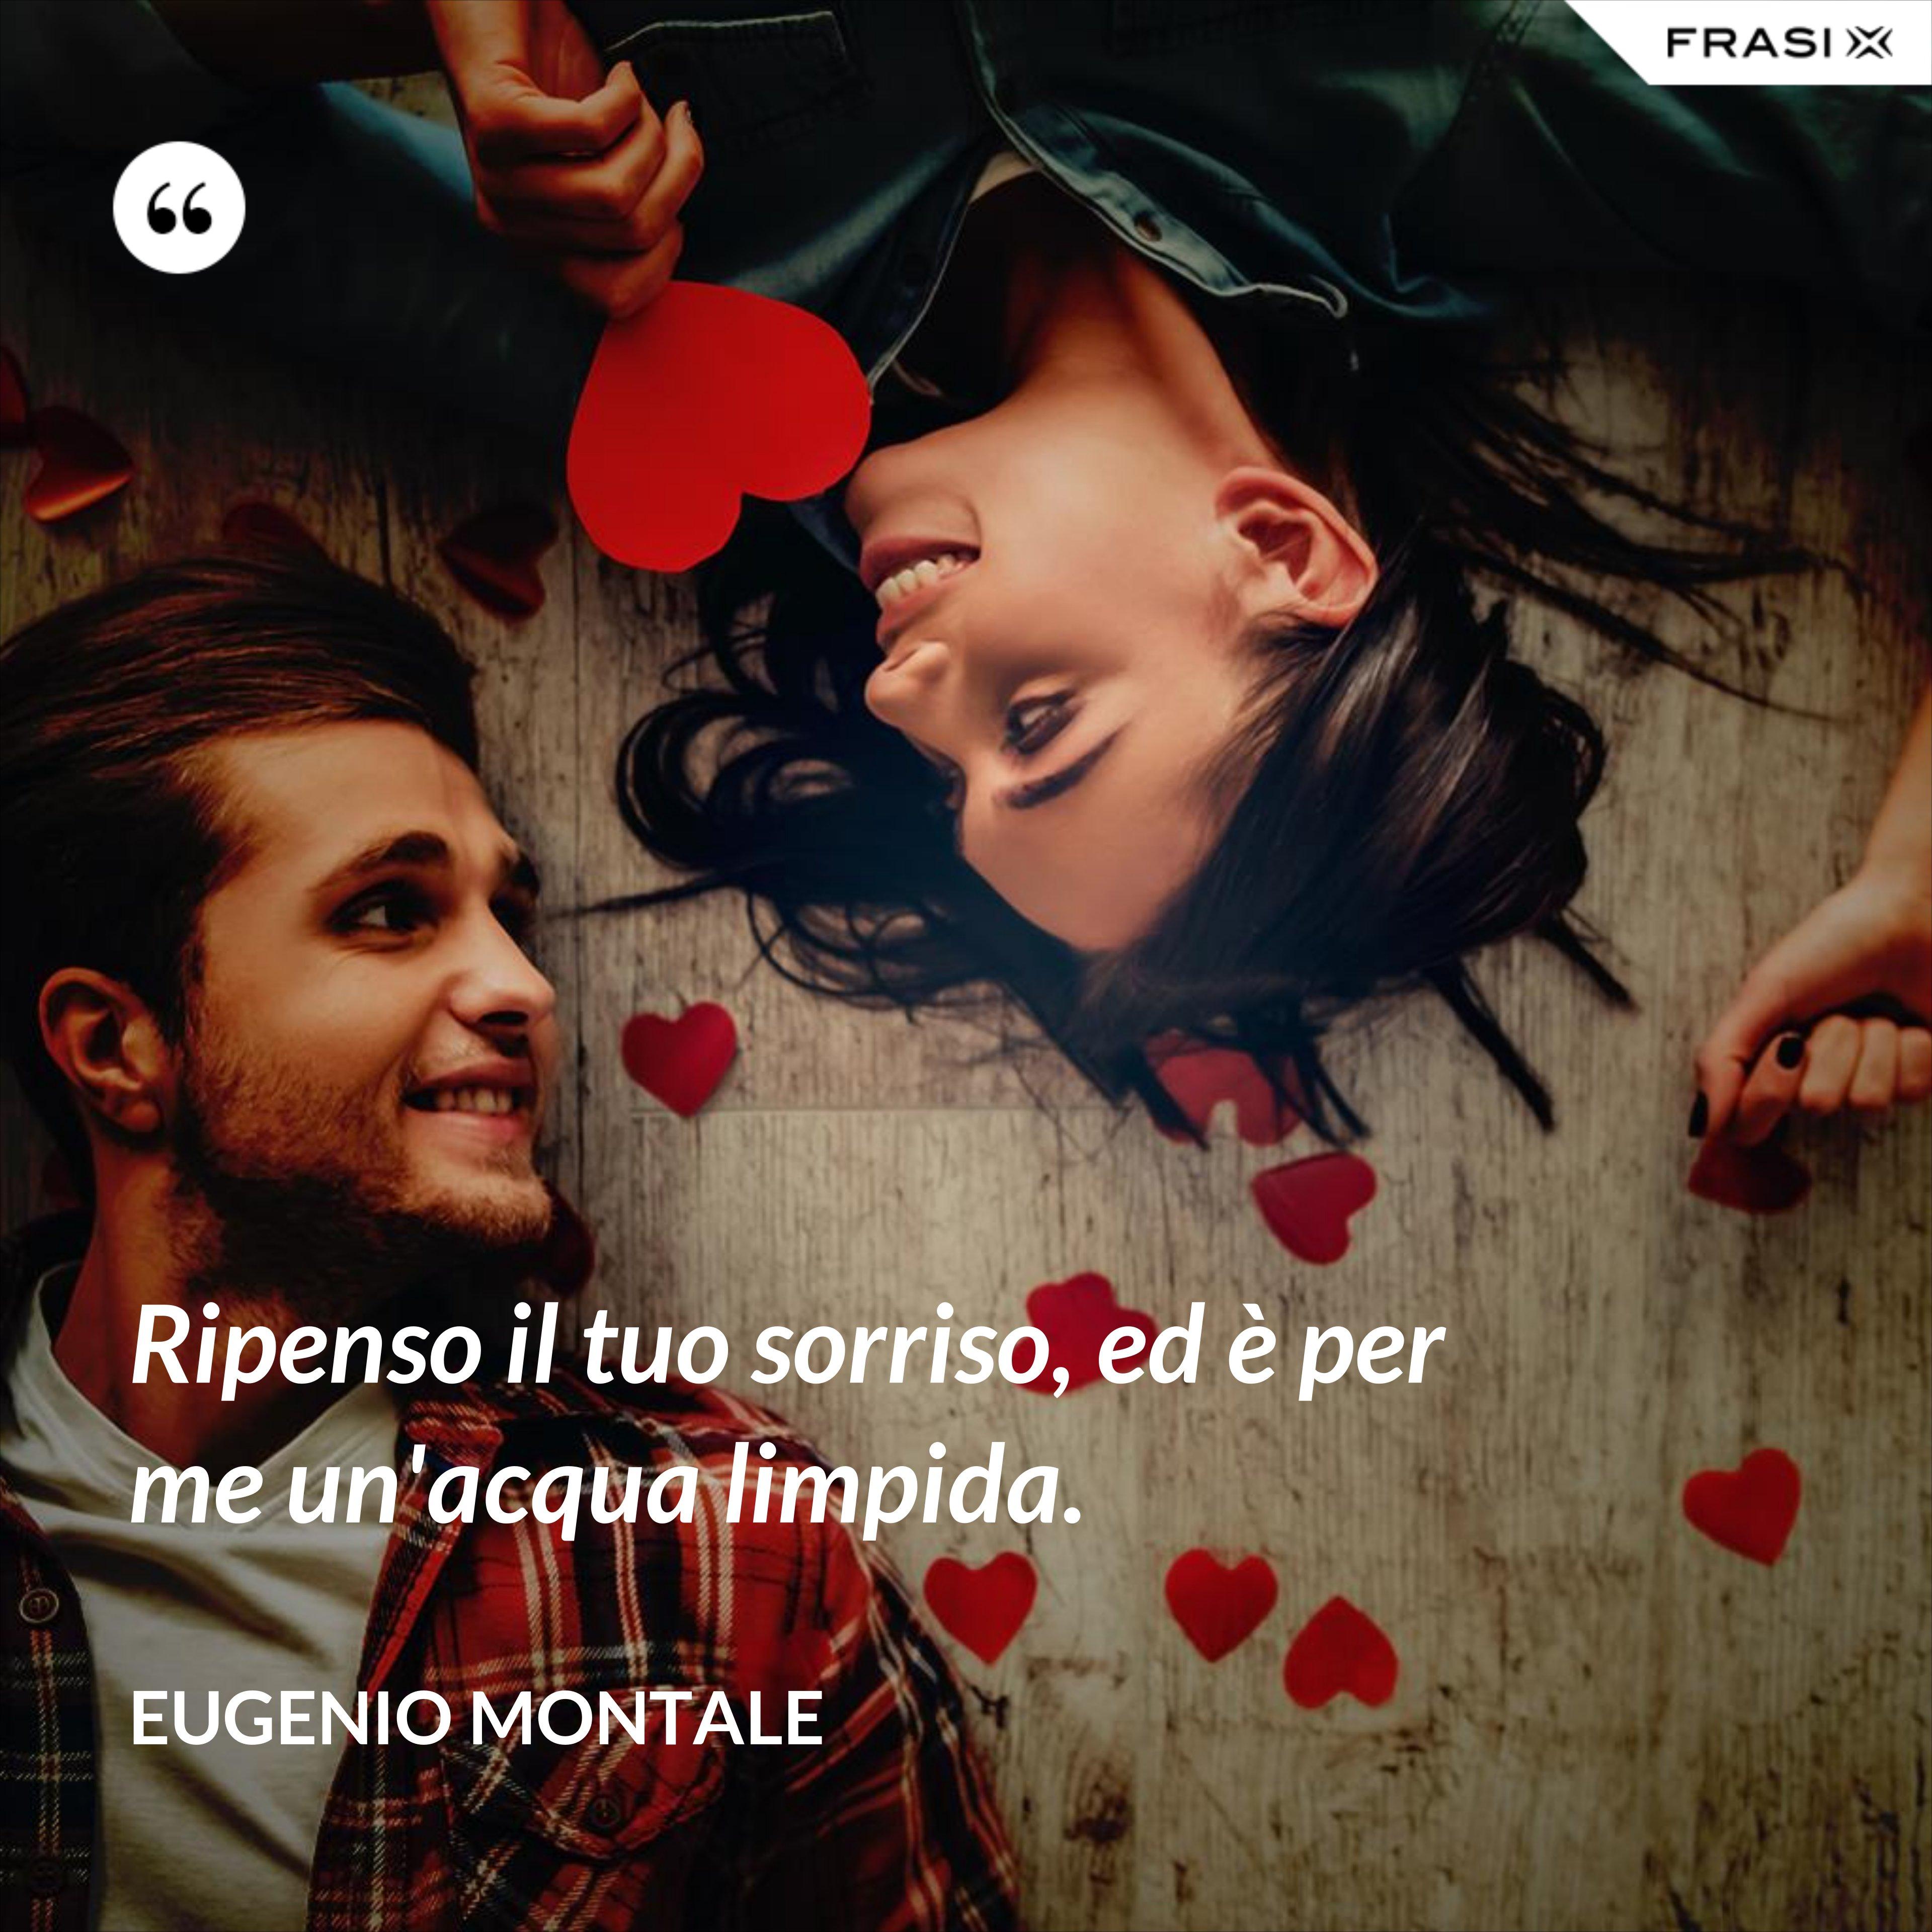 Ripenso il tuo sorriso, ed è per me un'acqua limpida. - Eugenio Montale